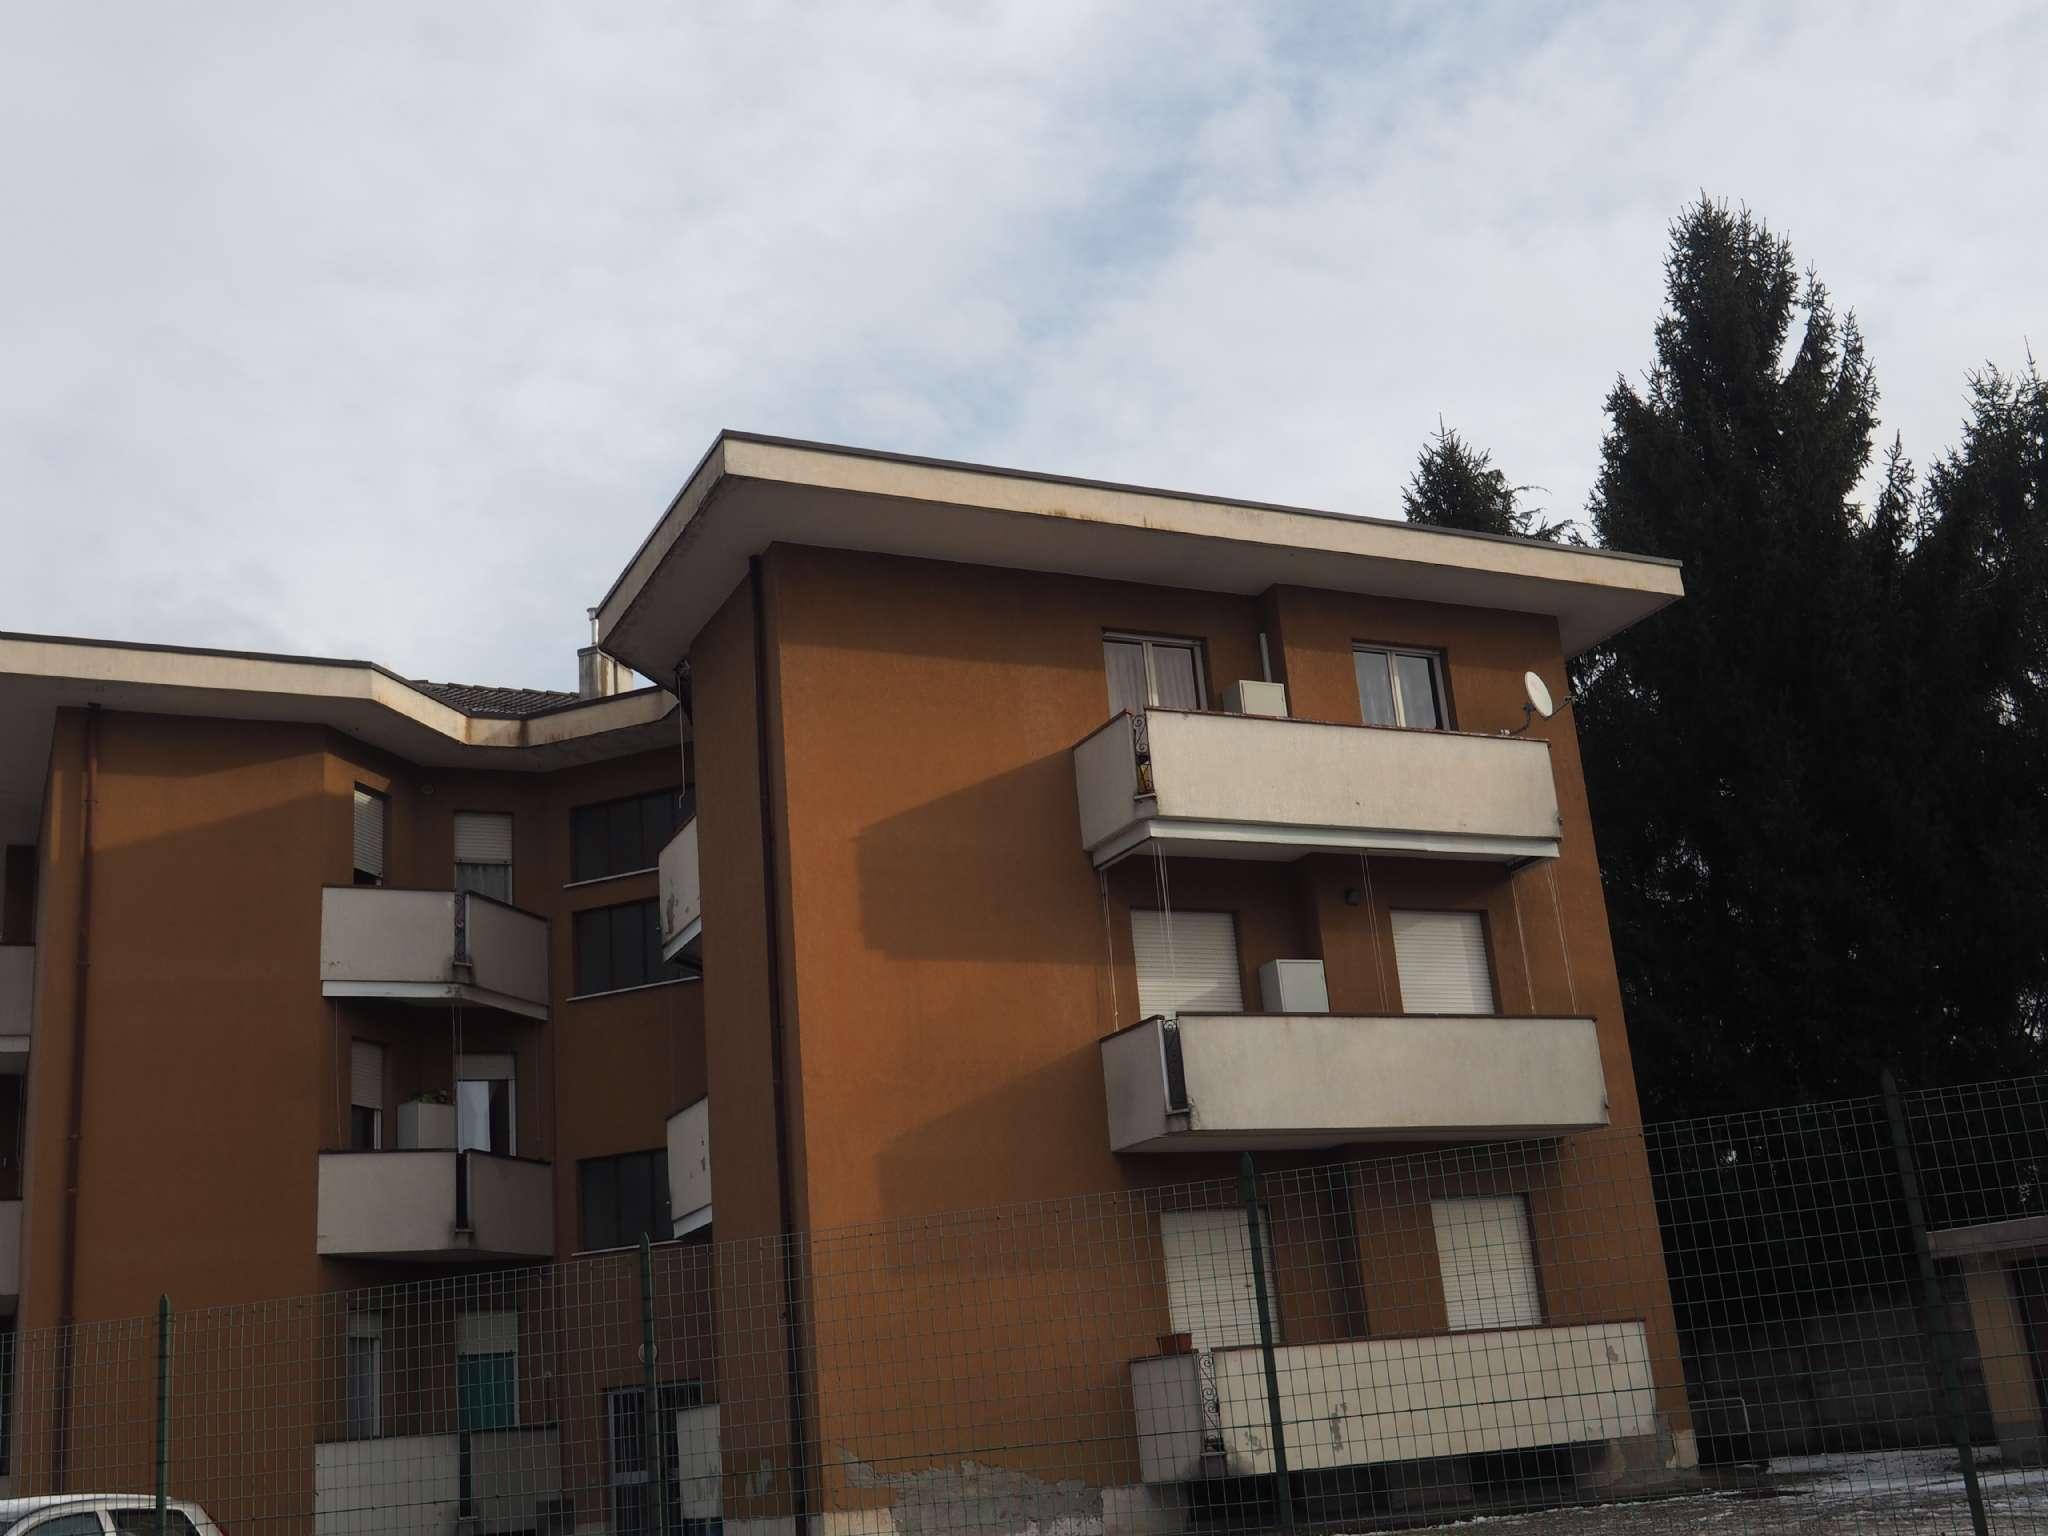 Appartamento bilocale posto al 2° piano